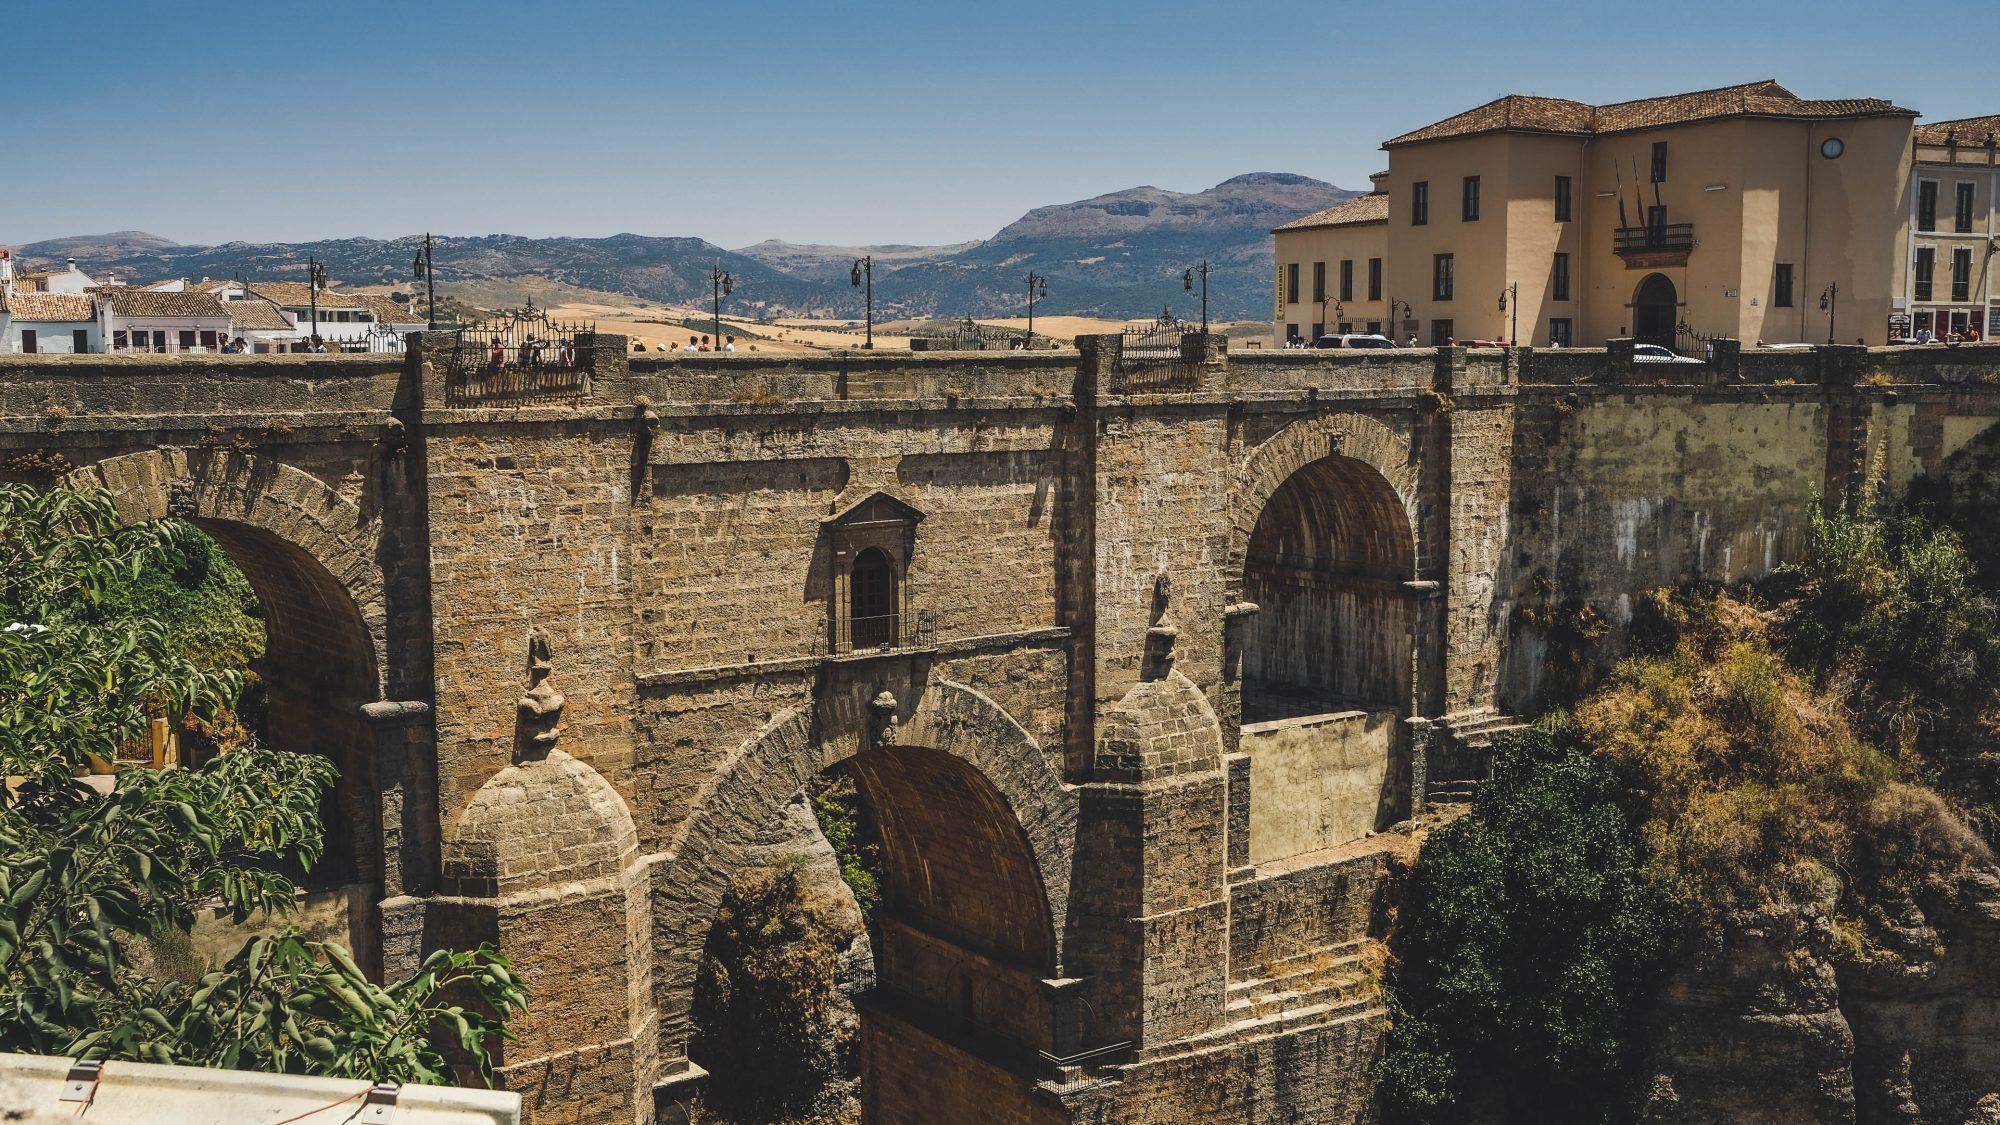 Vue du nouveau pont à pieds - Ronda, Espagne